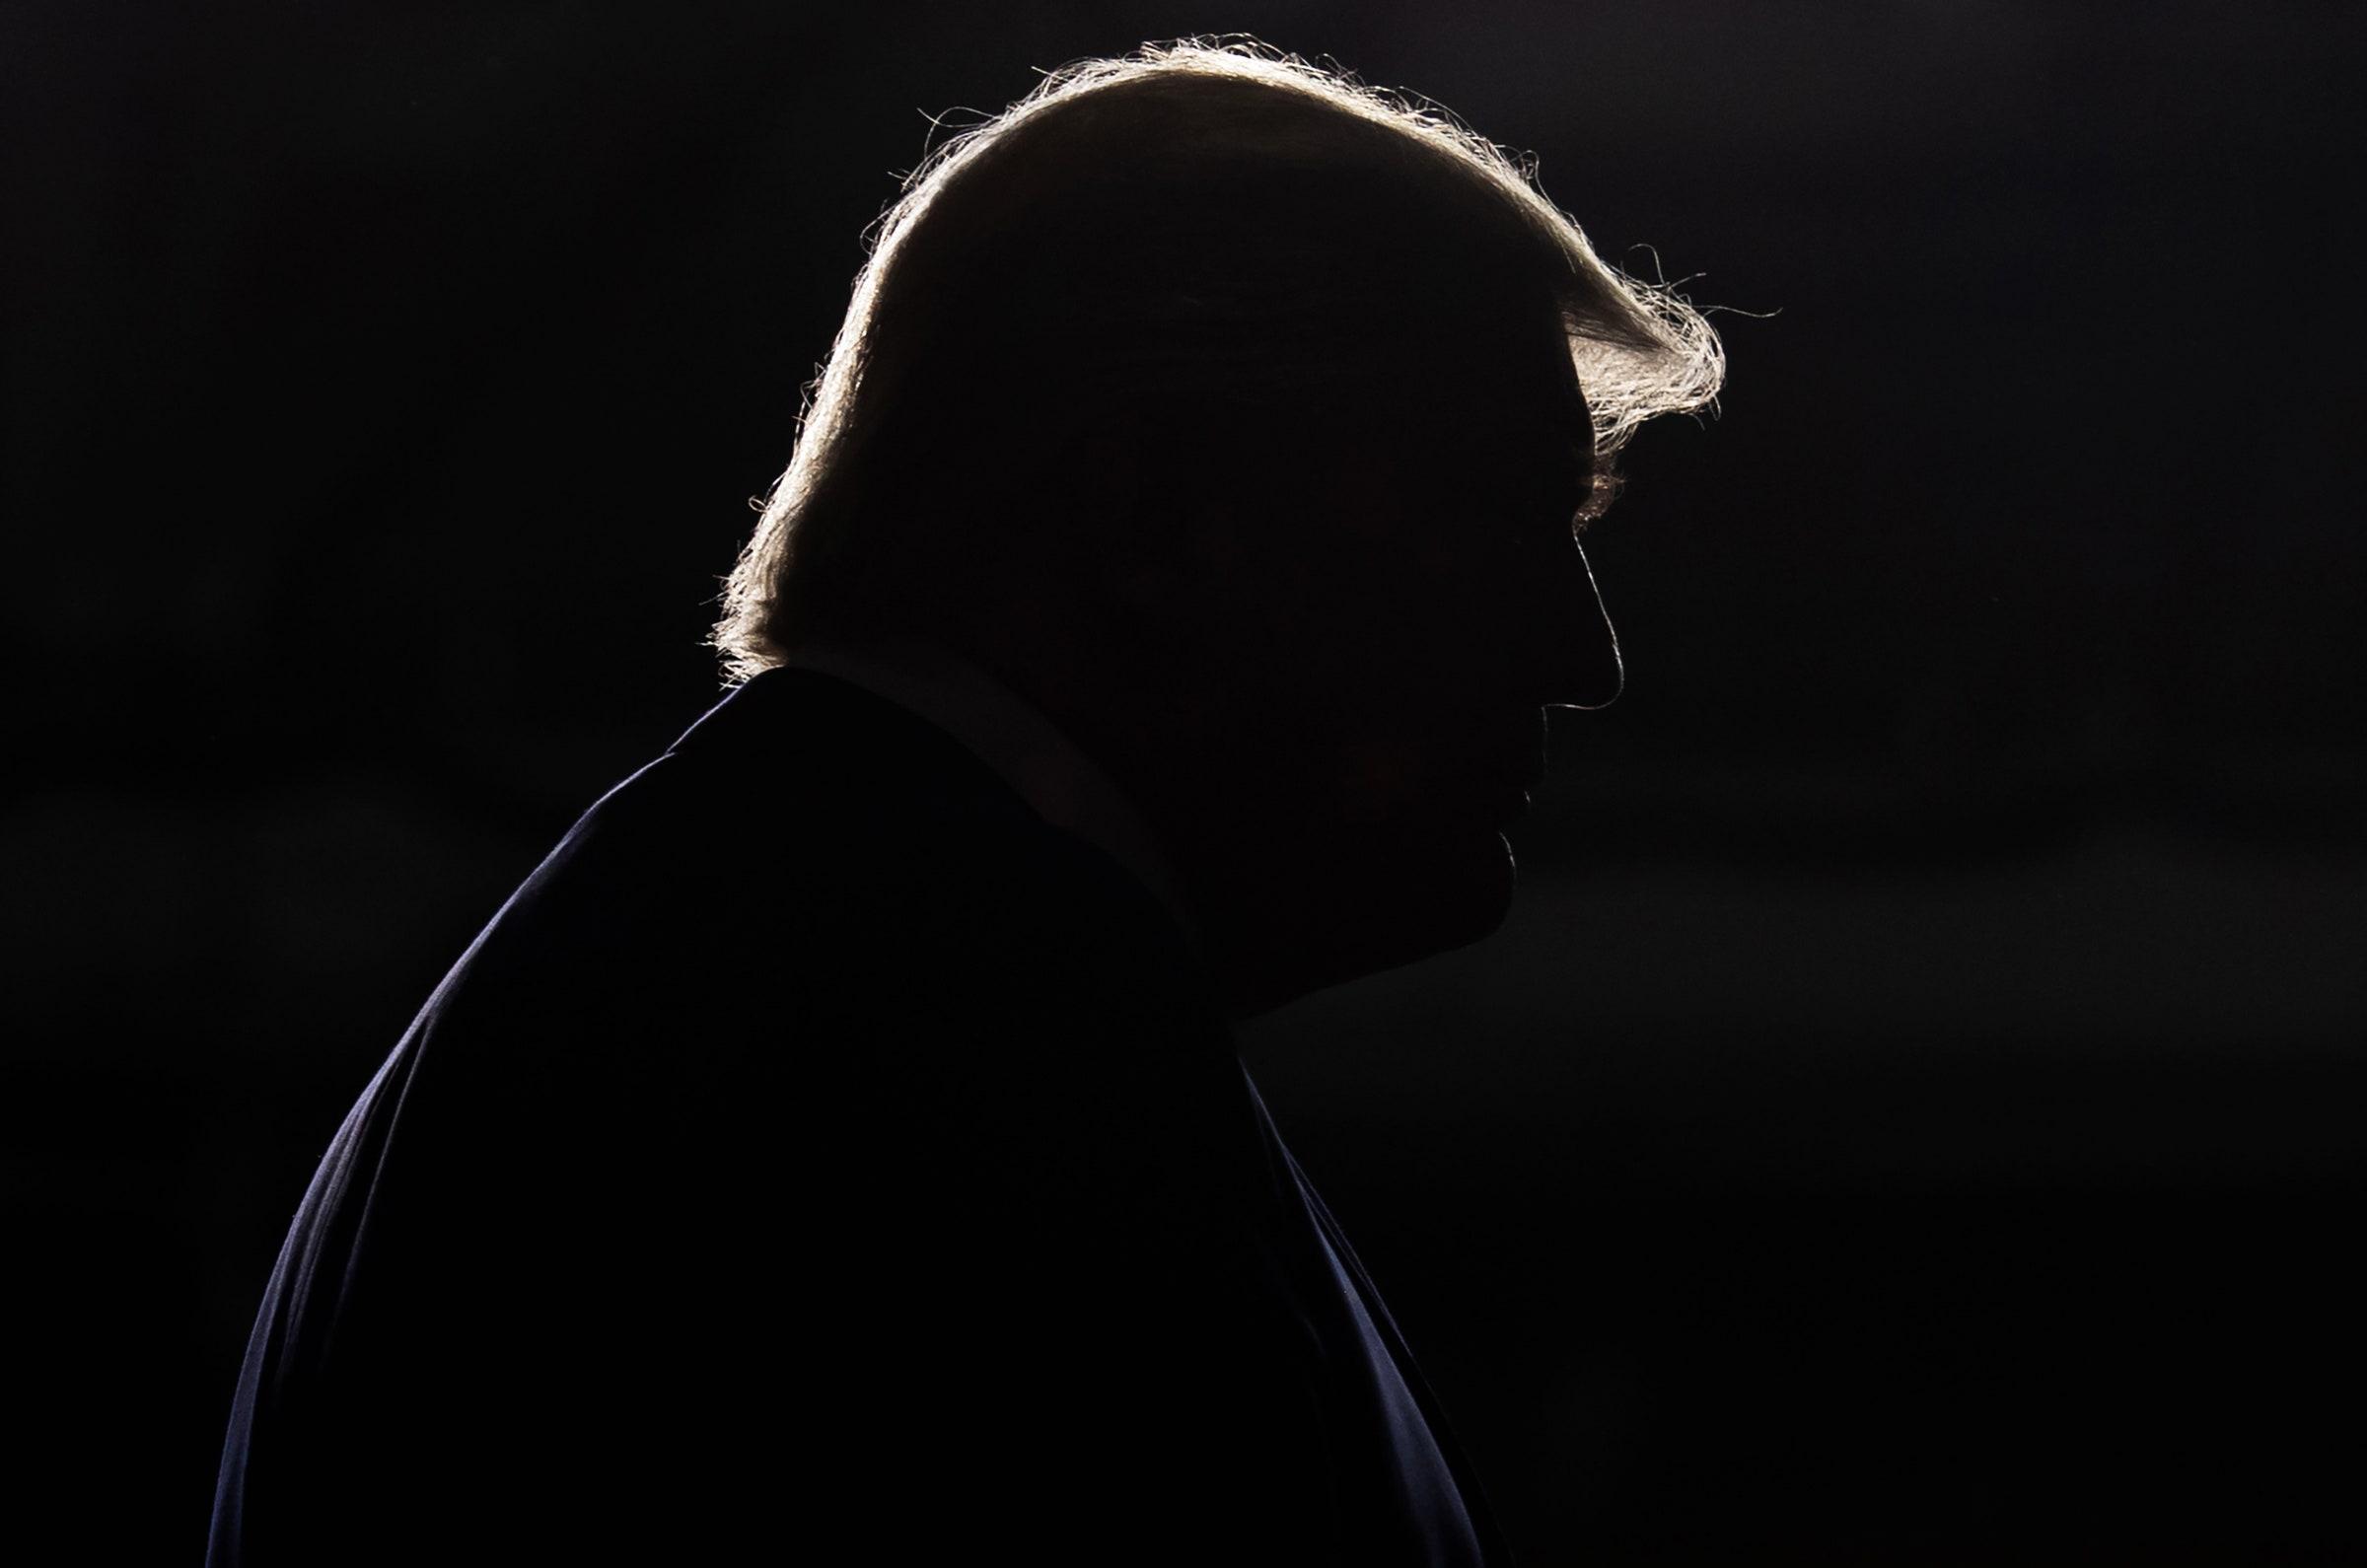 """ترامب يؤكد أن """"بقاء أميركا"""" يعتمد على فوز الجمهوريين في الانتخابات المقبلة"""